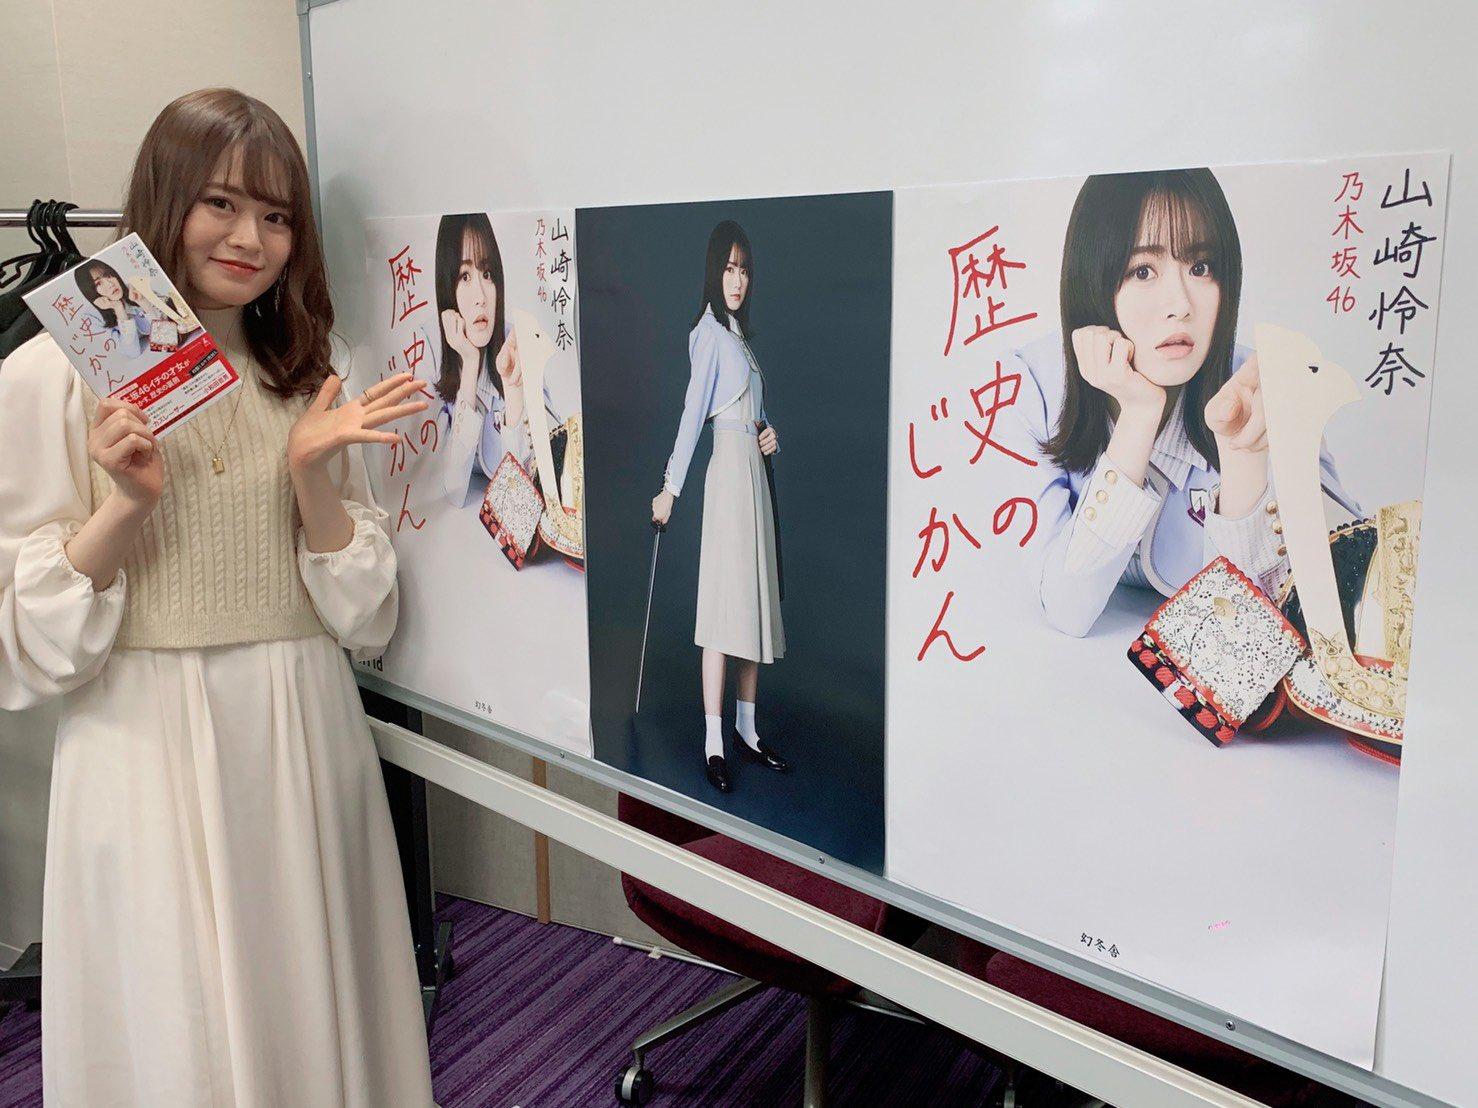 乃木坂46山崎怜奈『歴史のじかん』発売日スペシャルSHOWROOM